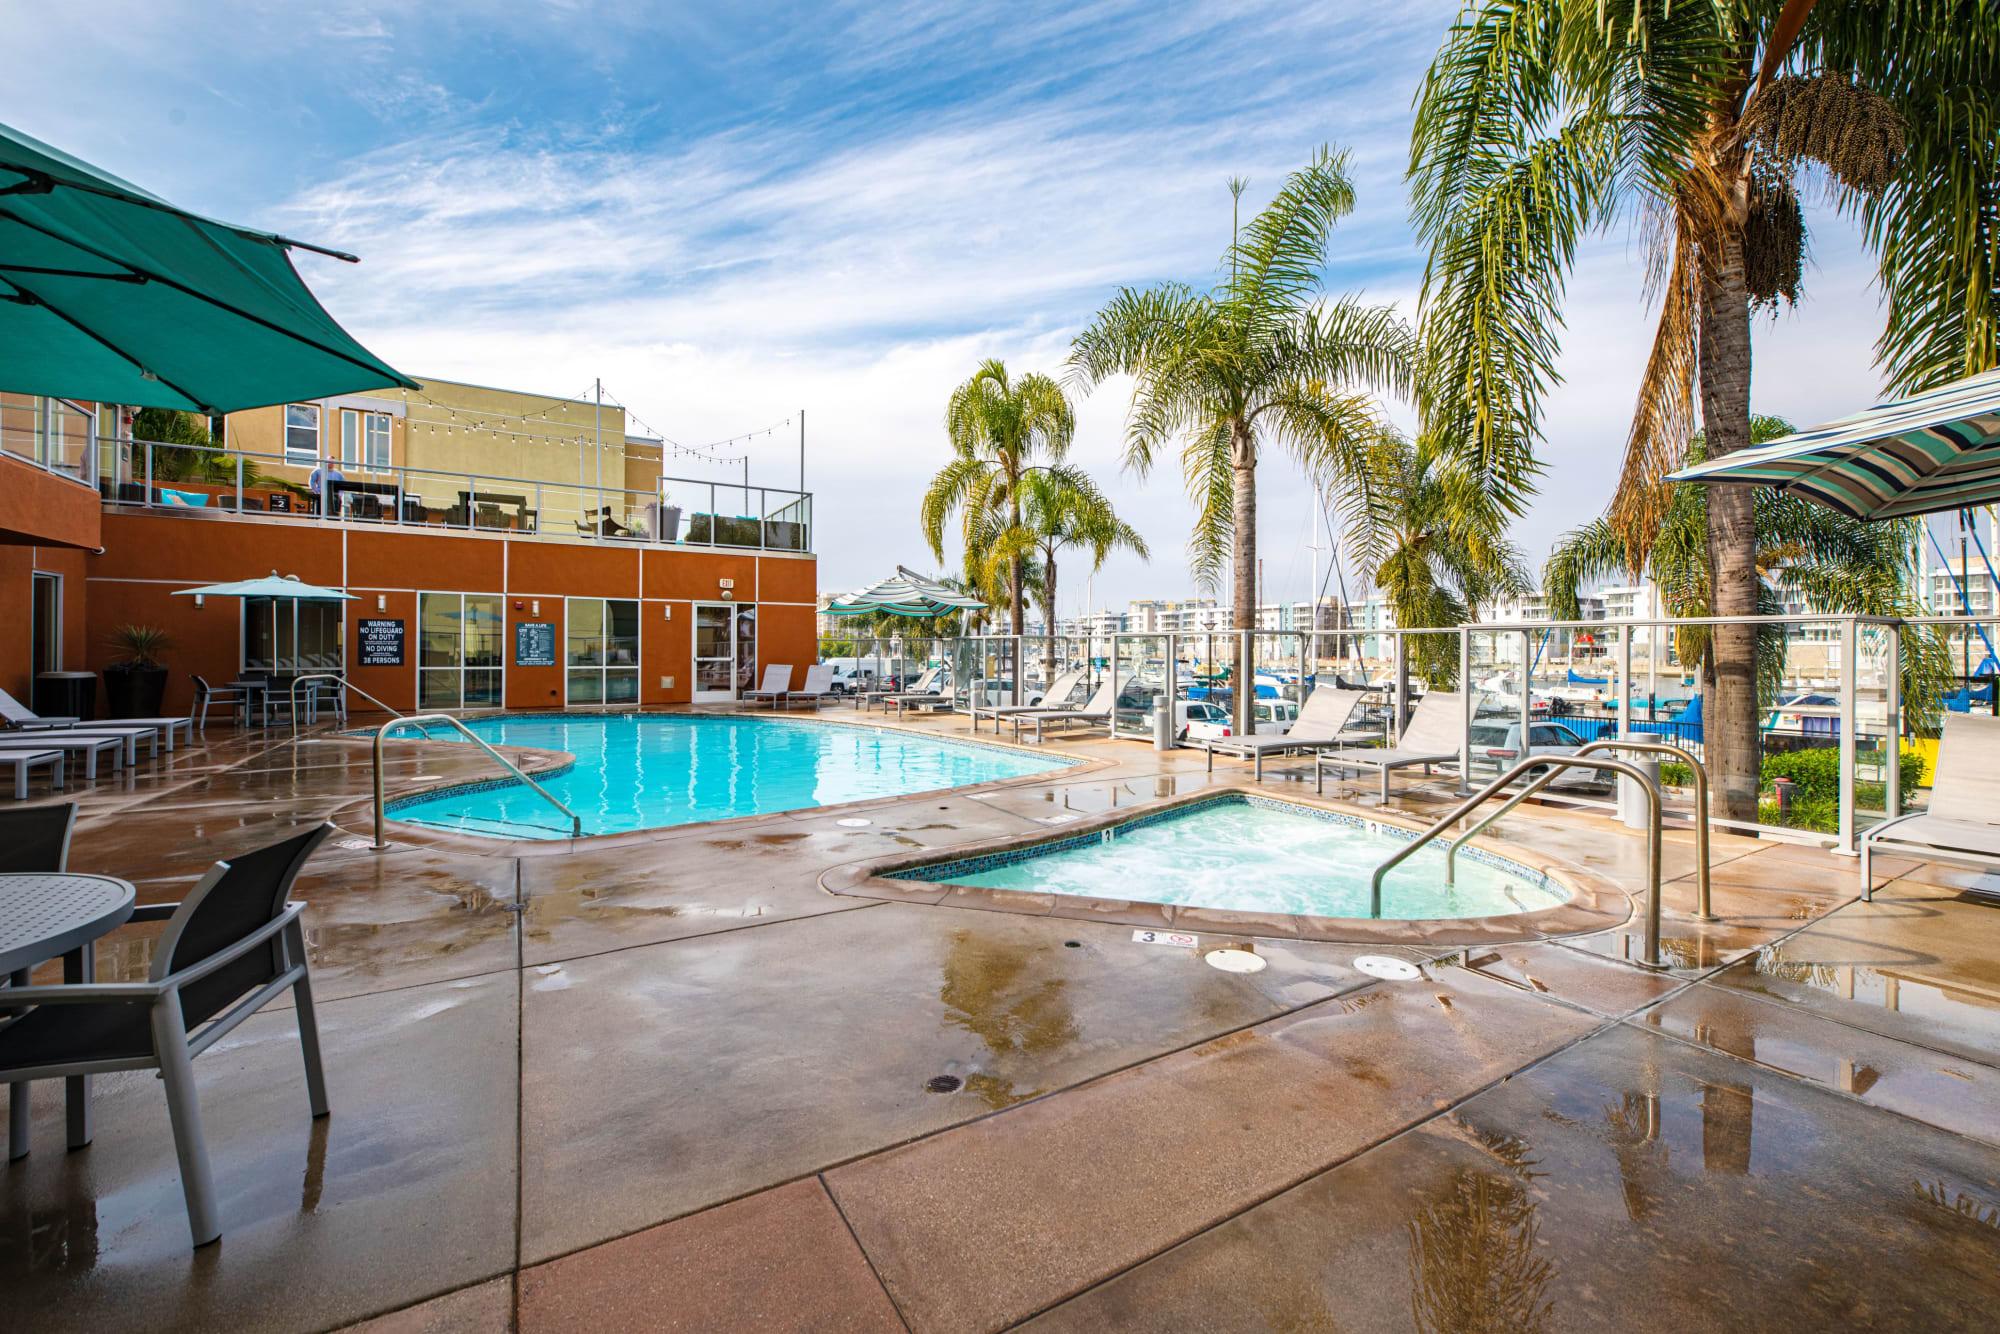 Hot tub and lounge chairs at Harborside Marina Bay Apartments in Marina del Rey, California